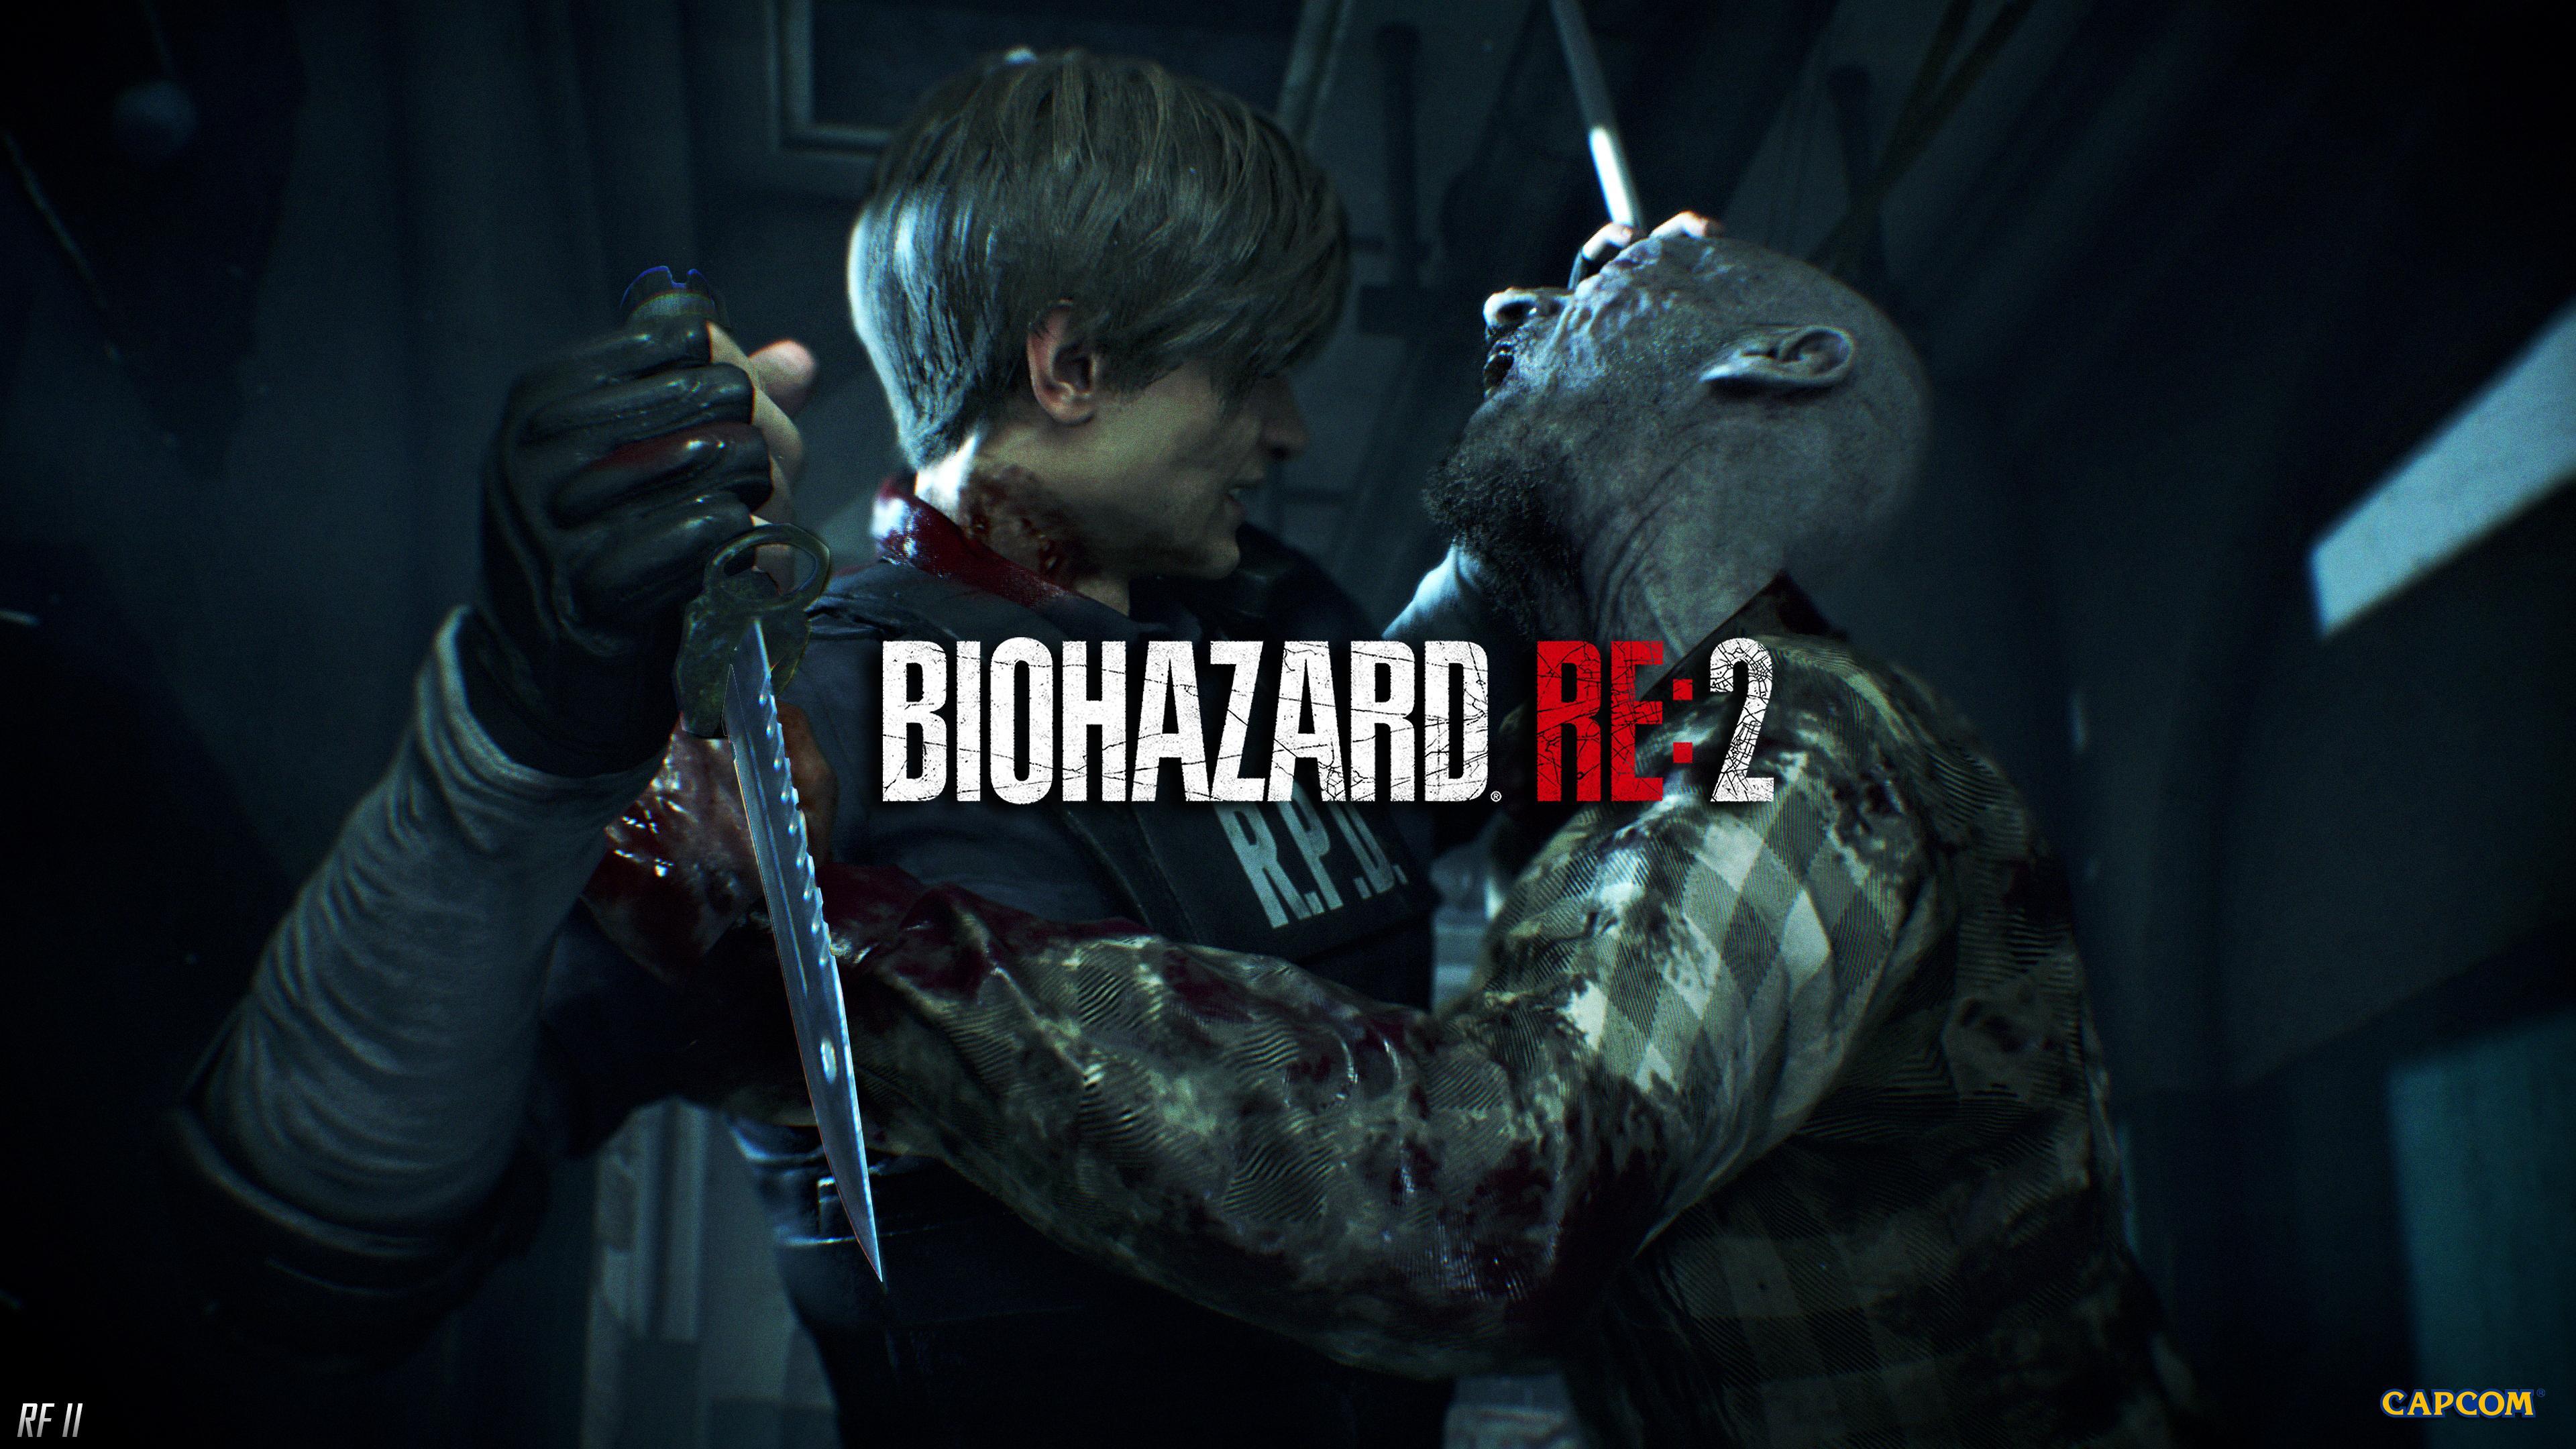 ممکن است دمویی از عنوان مورد انتظار Resident Evil 2 Remake عرضه شود